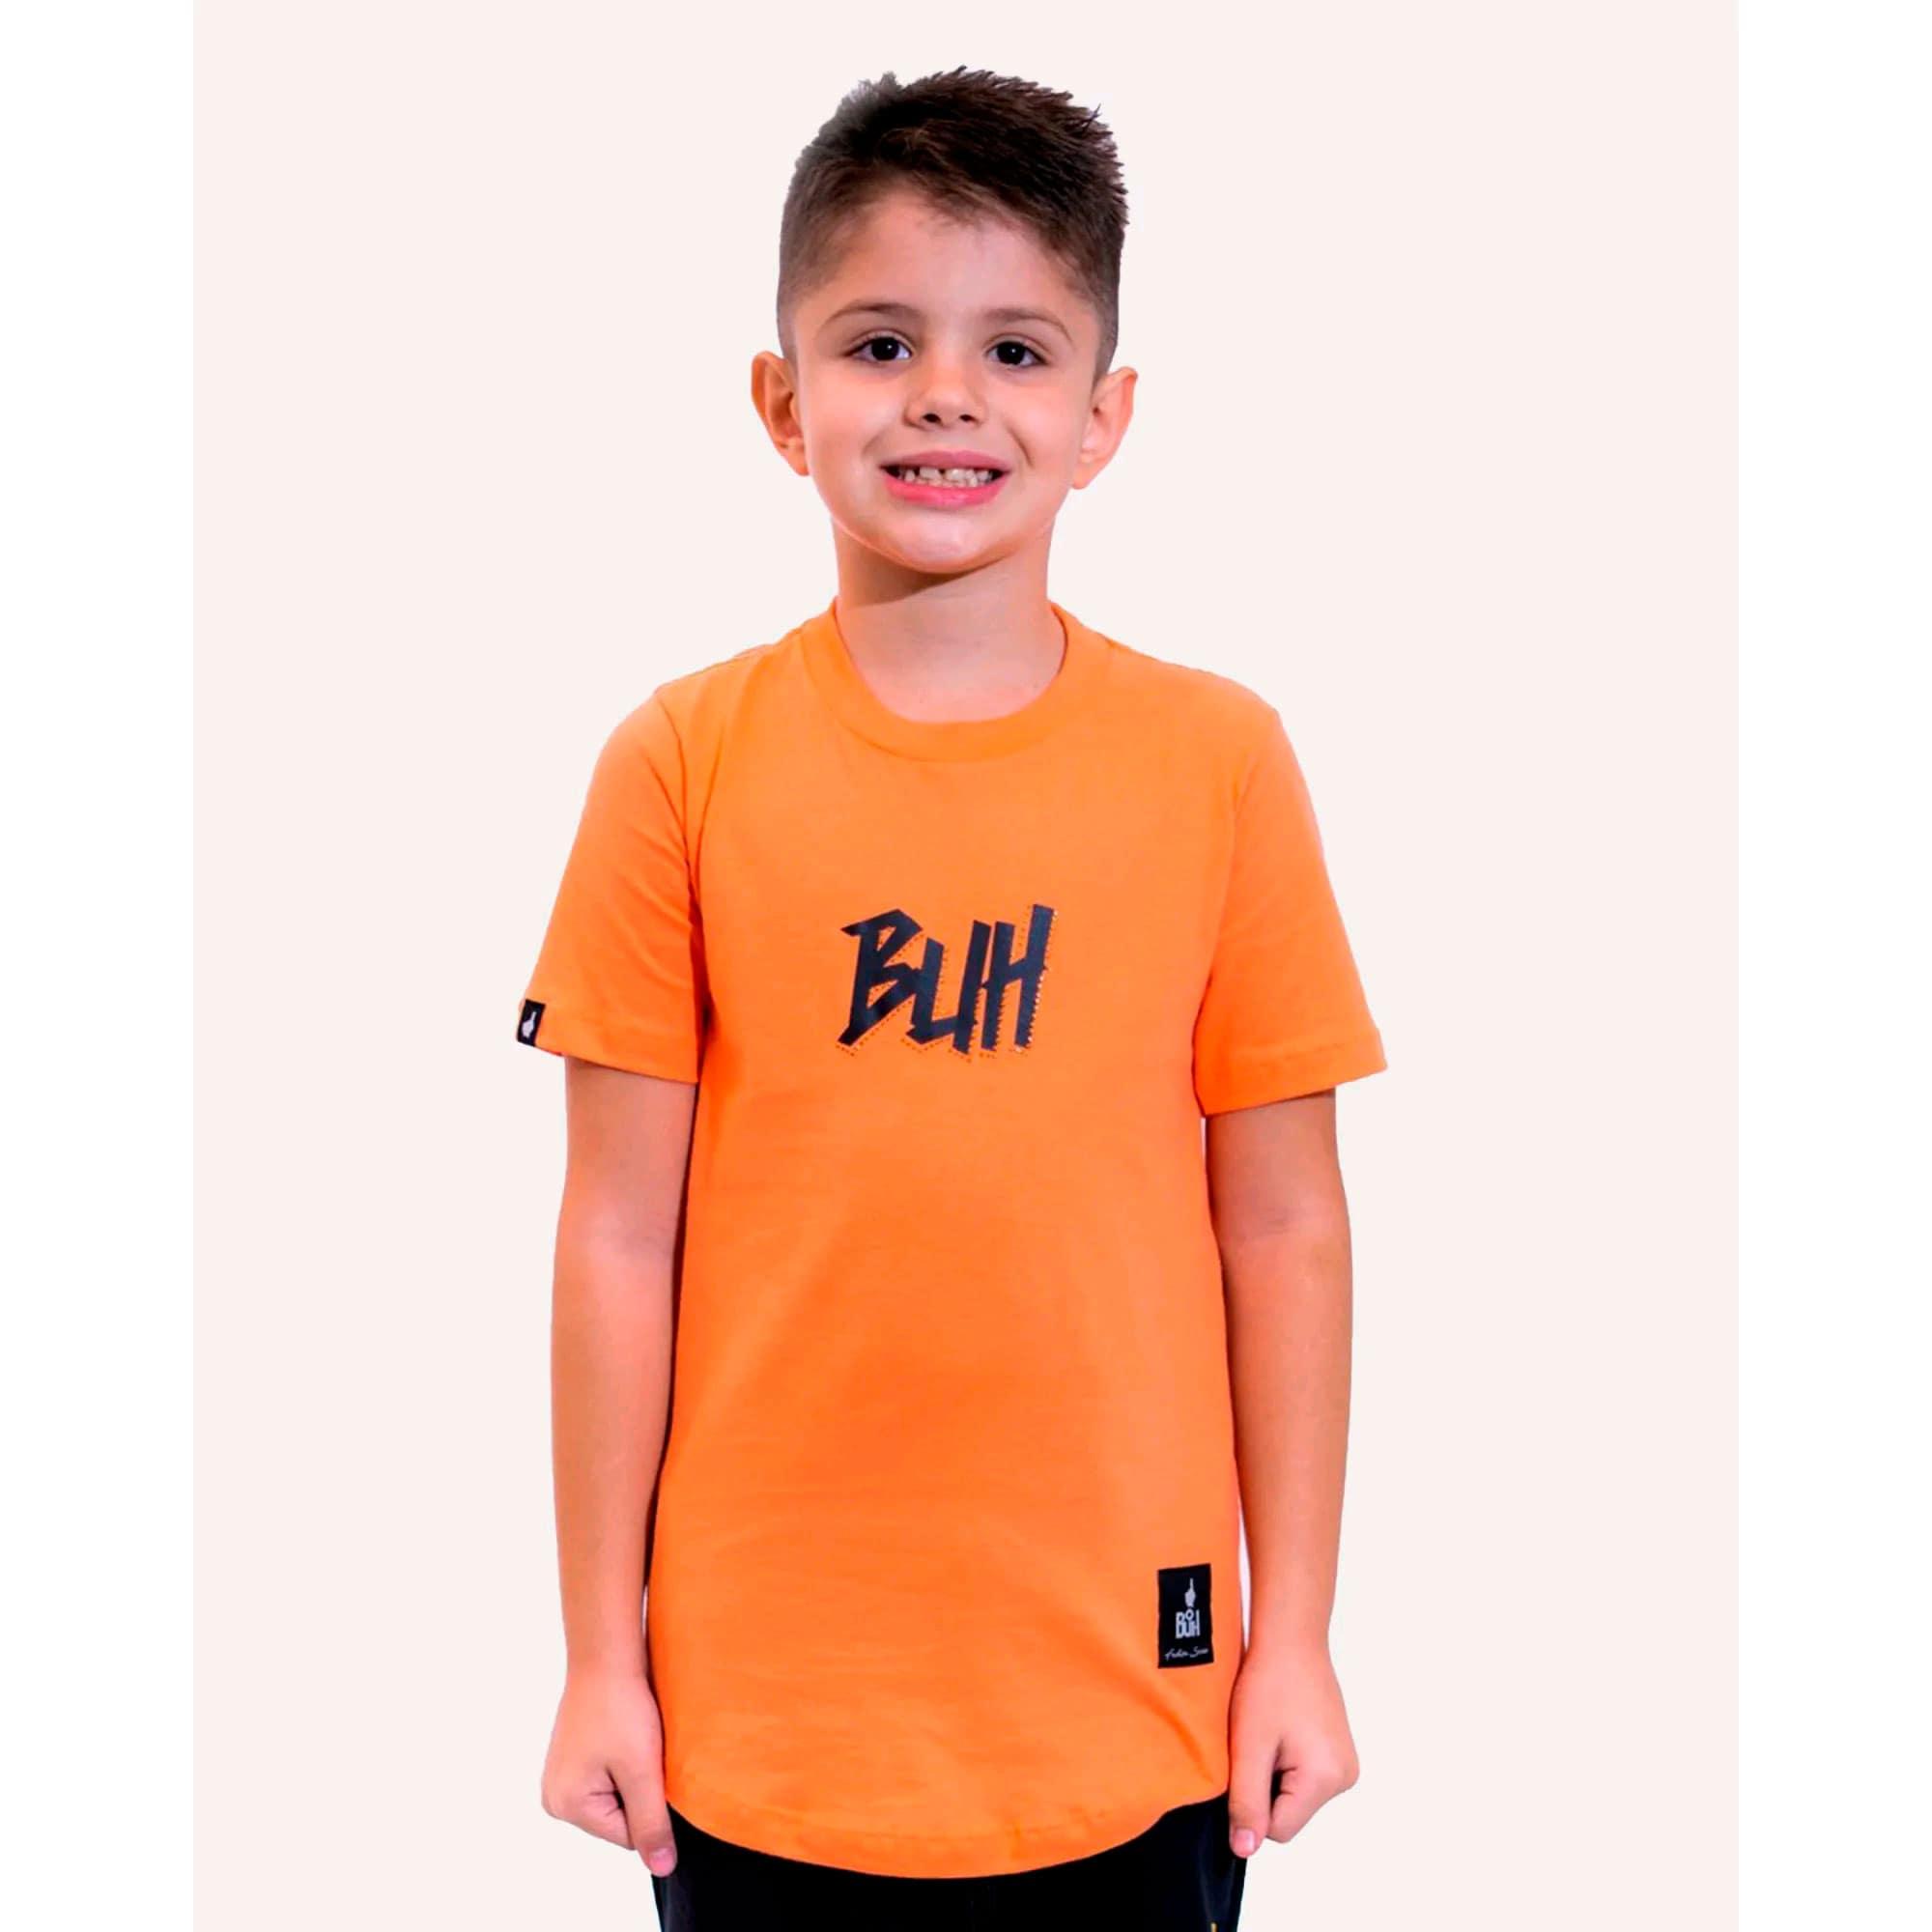 Camiseta Buh Kids Strass Logo Orange